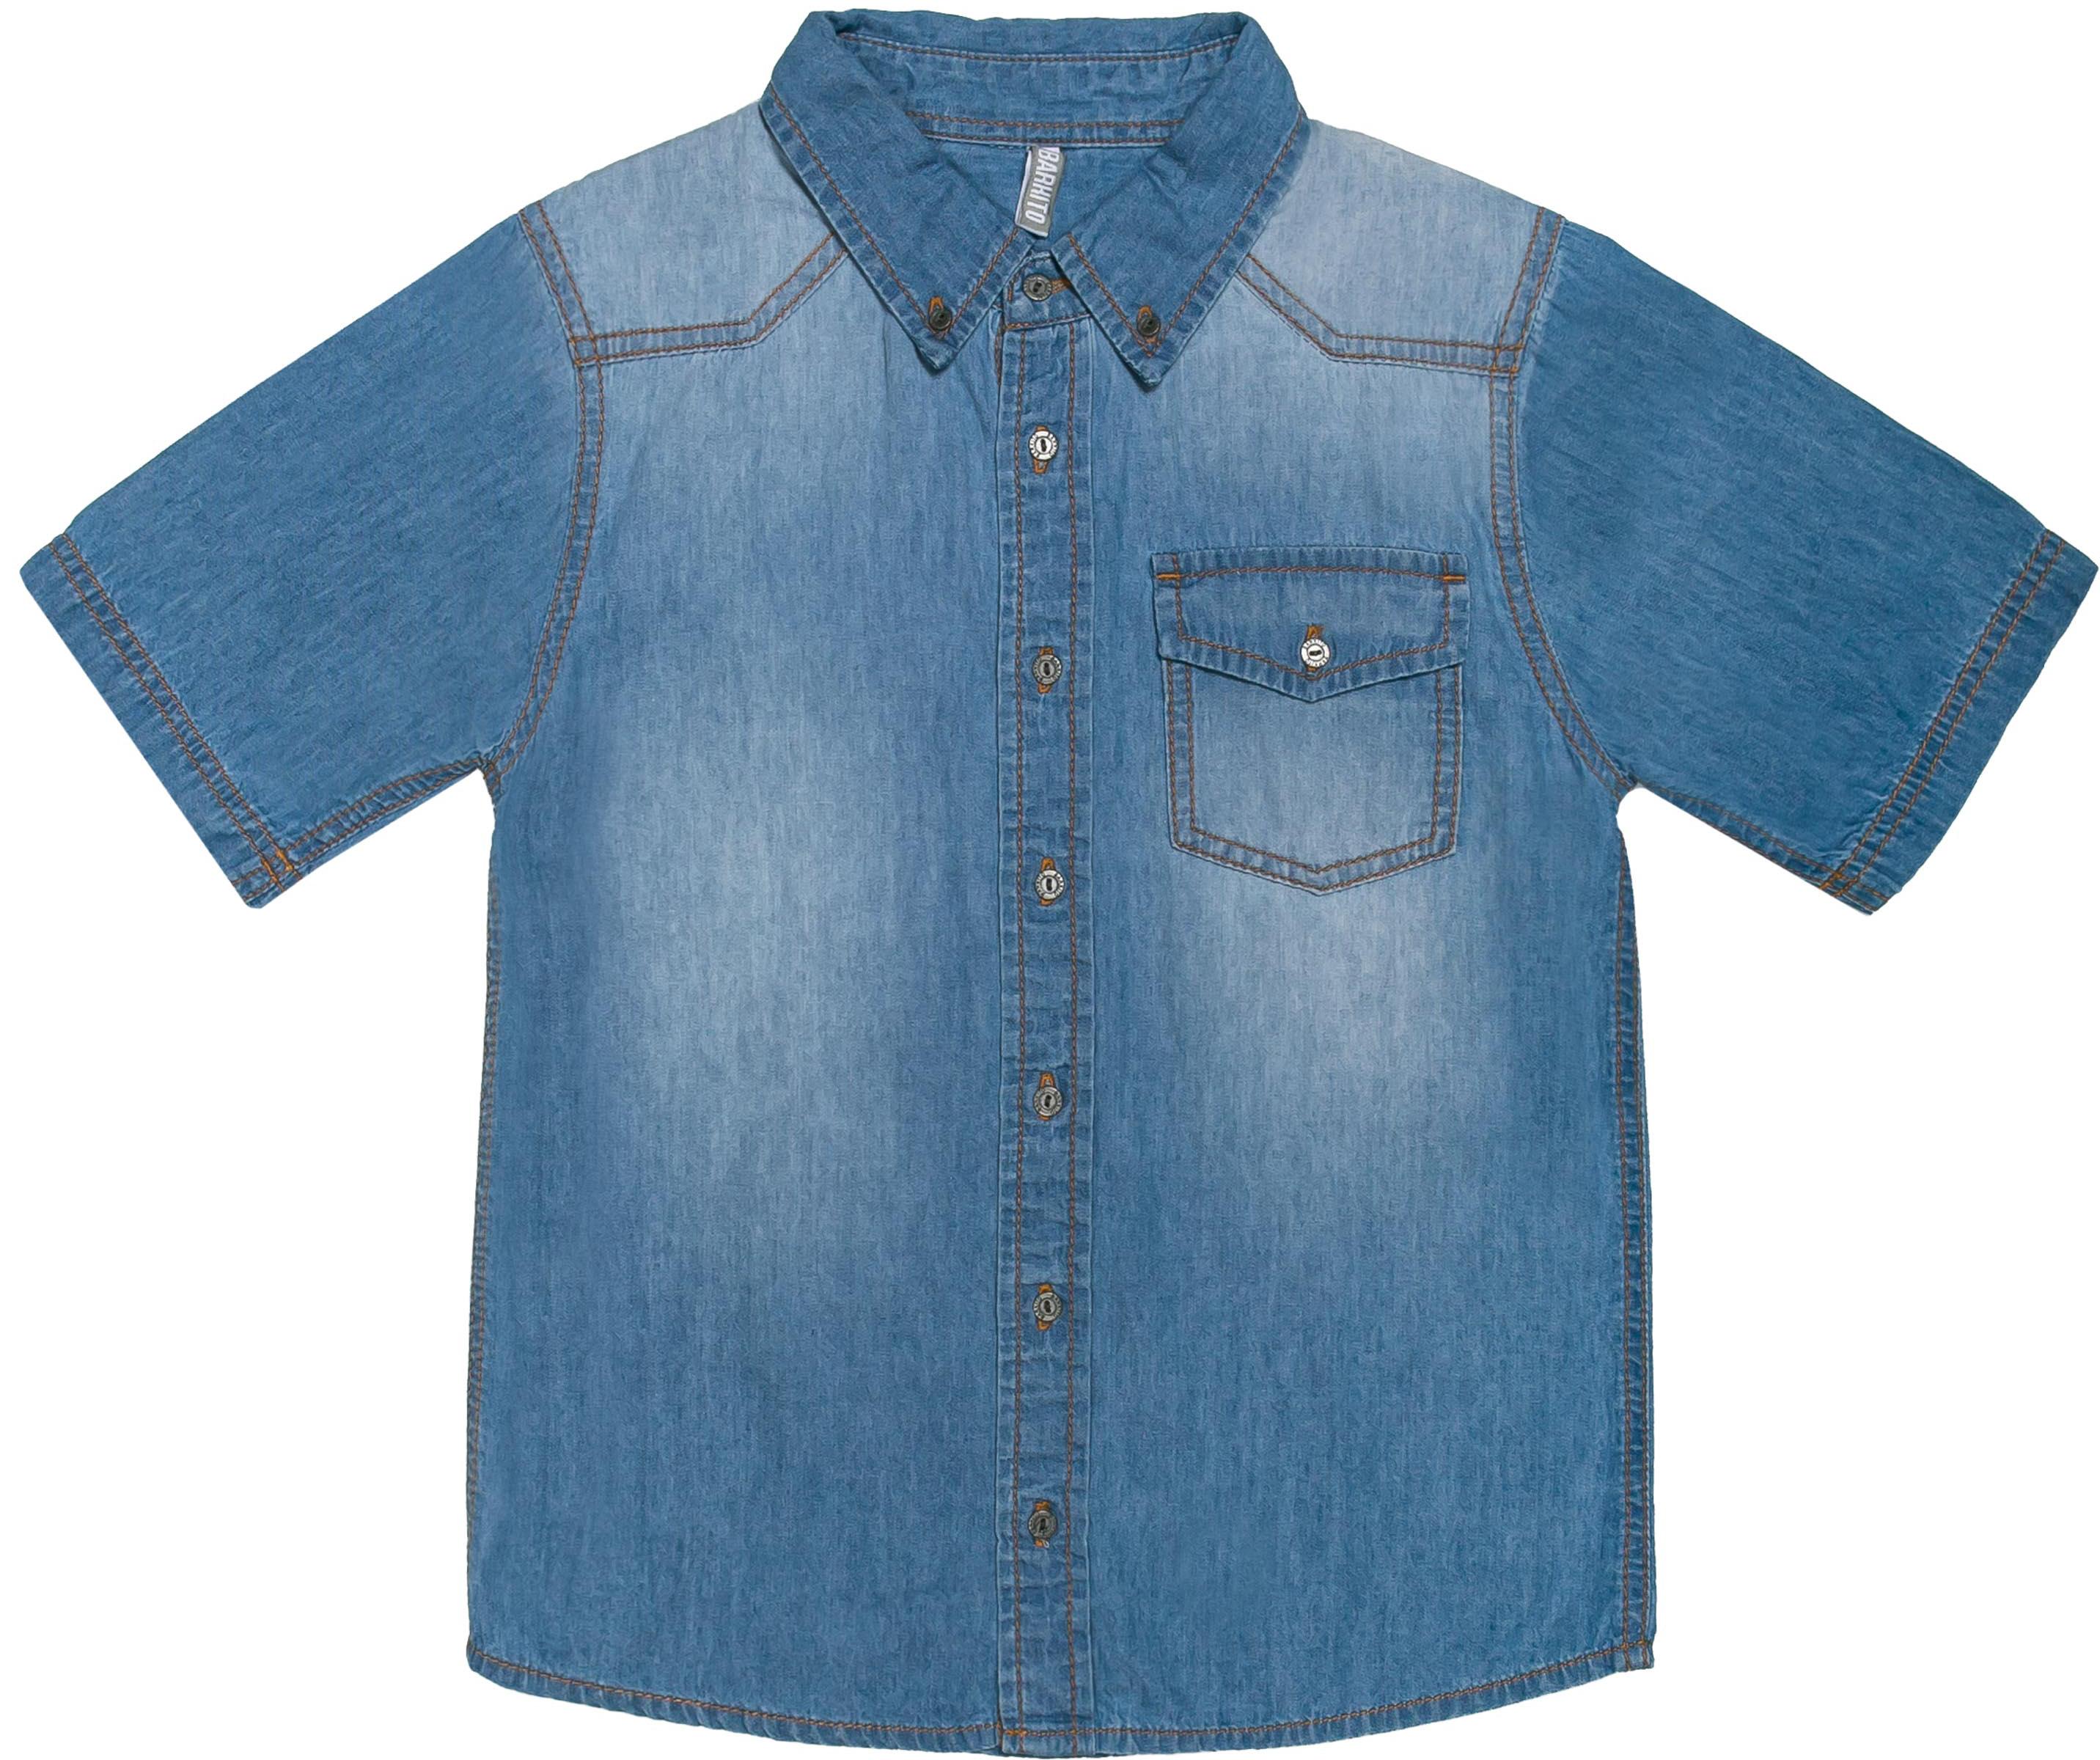 Сорочка с коротким рукавом для мальчика Barkito Деним полукомбинезон джинсовый для мальчика barkito деним